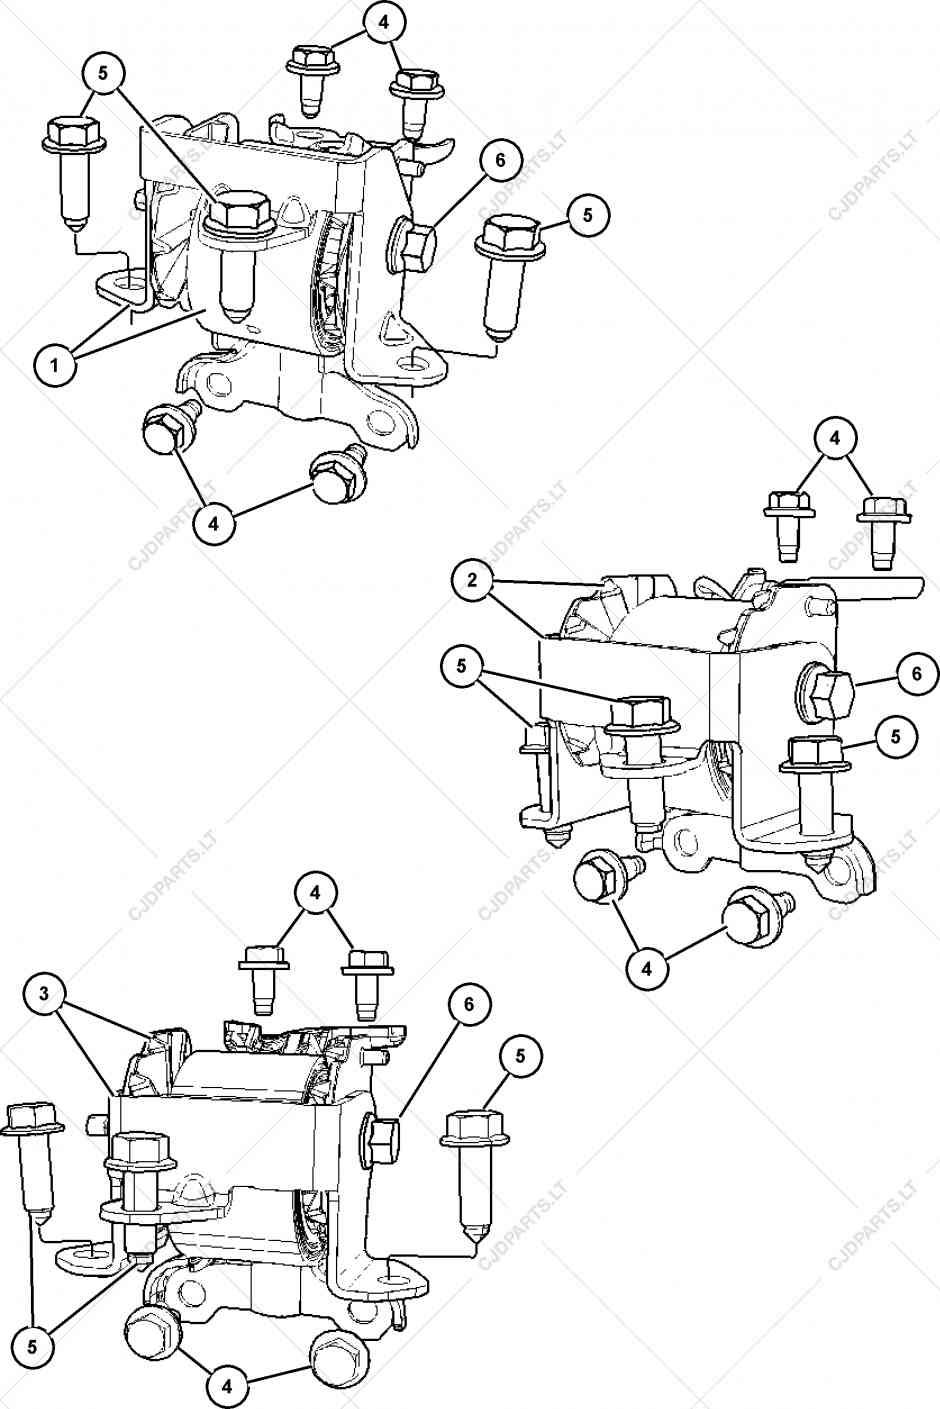 [EV_5622] 2007 Dodge Caliber Engine Mounts Diagram